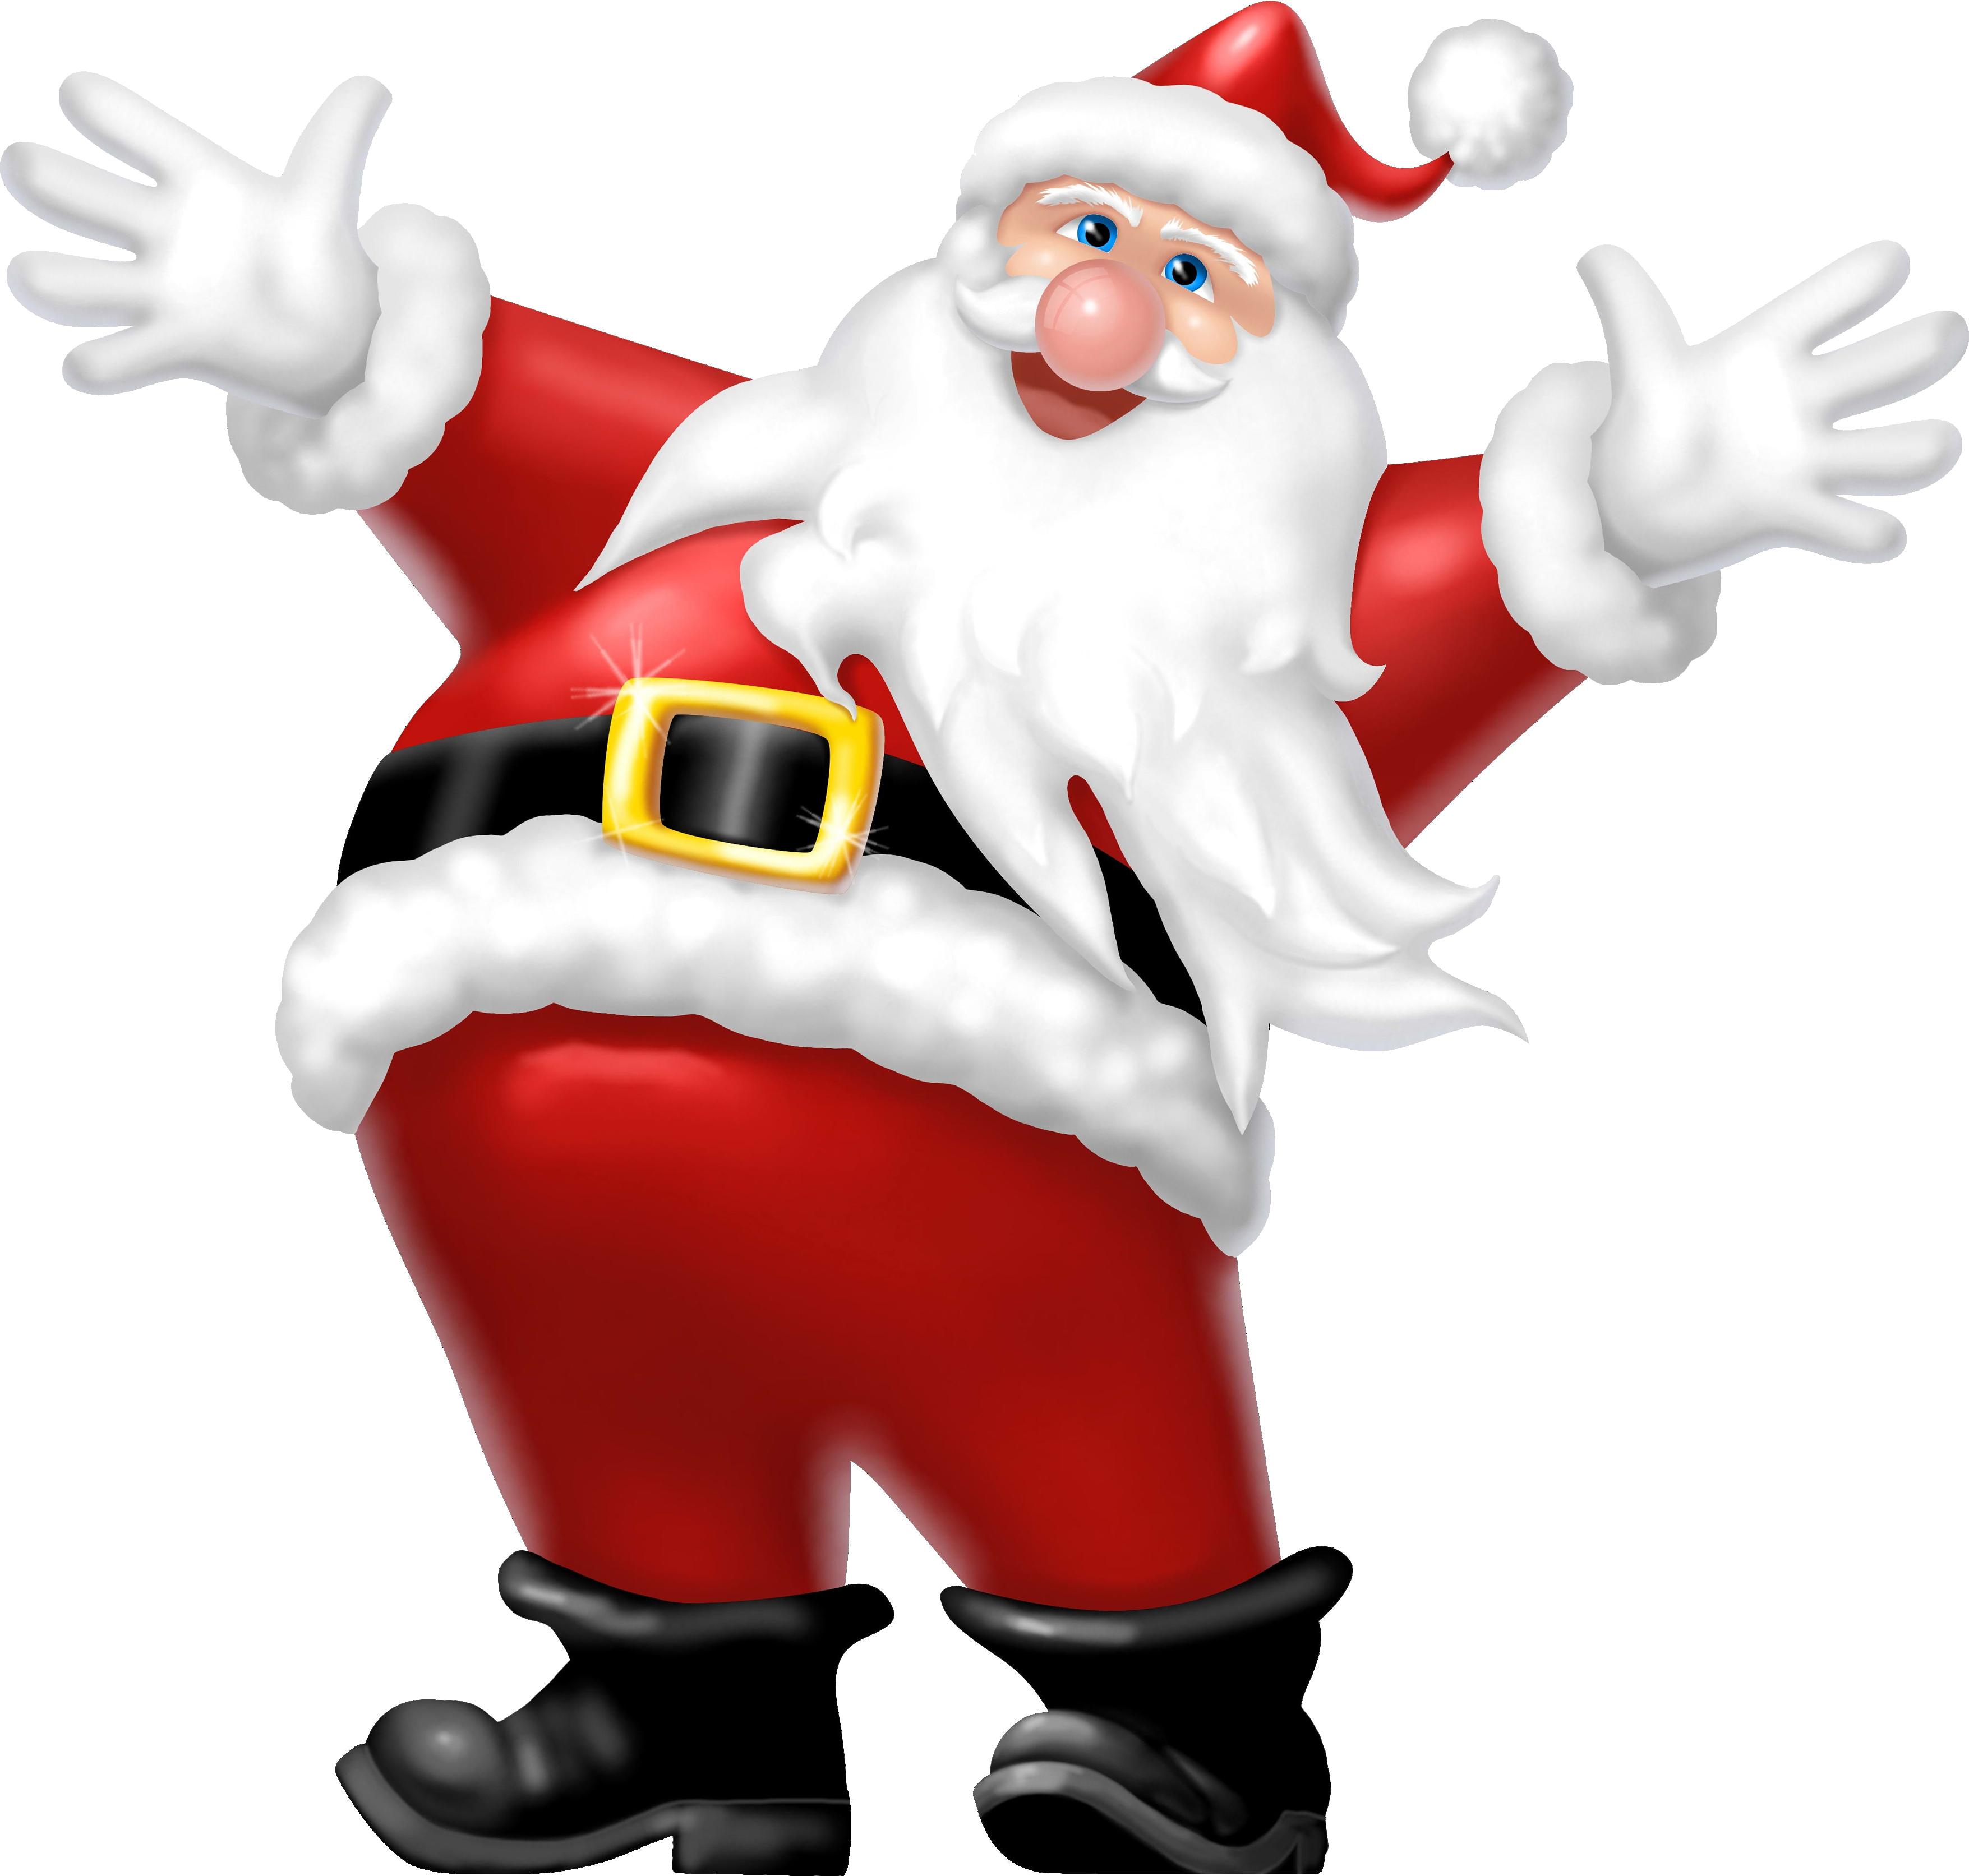 3511x3346 Santa Claus Png Transparent Santa Claus.png Images. Pluspng